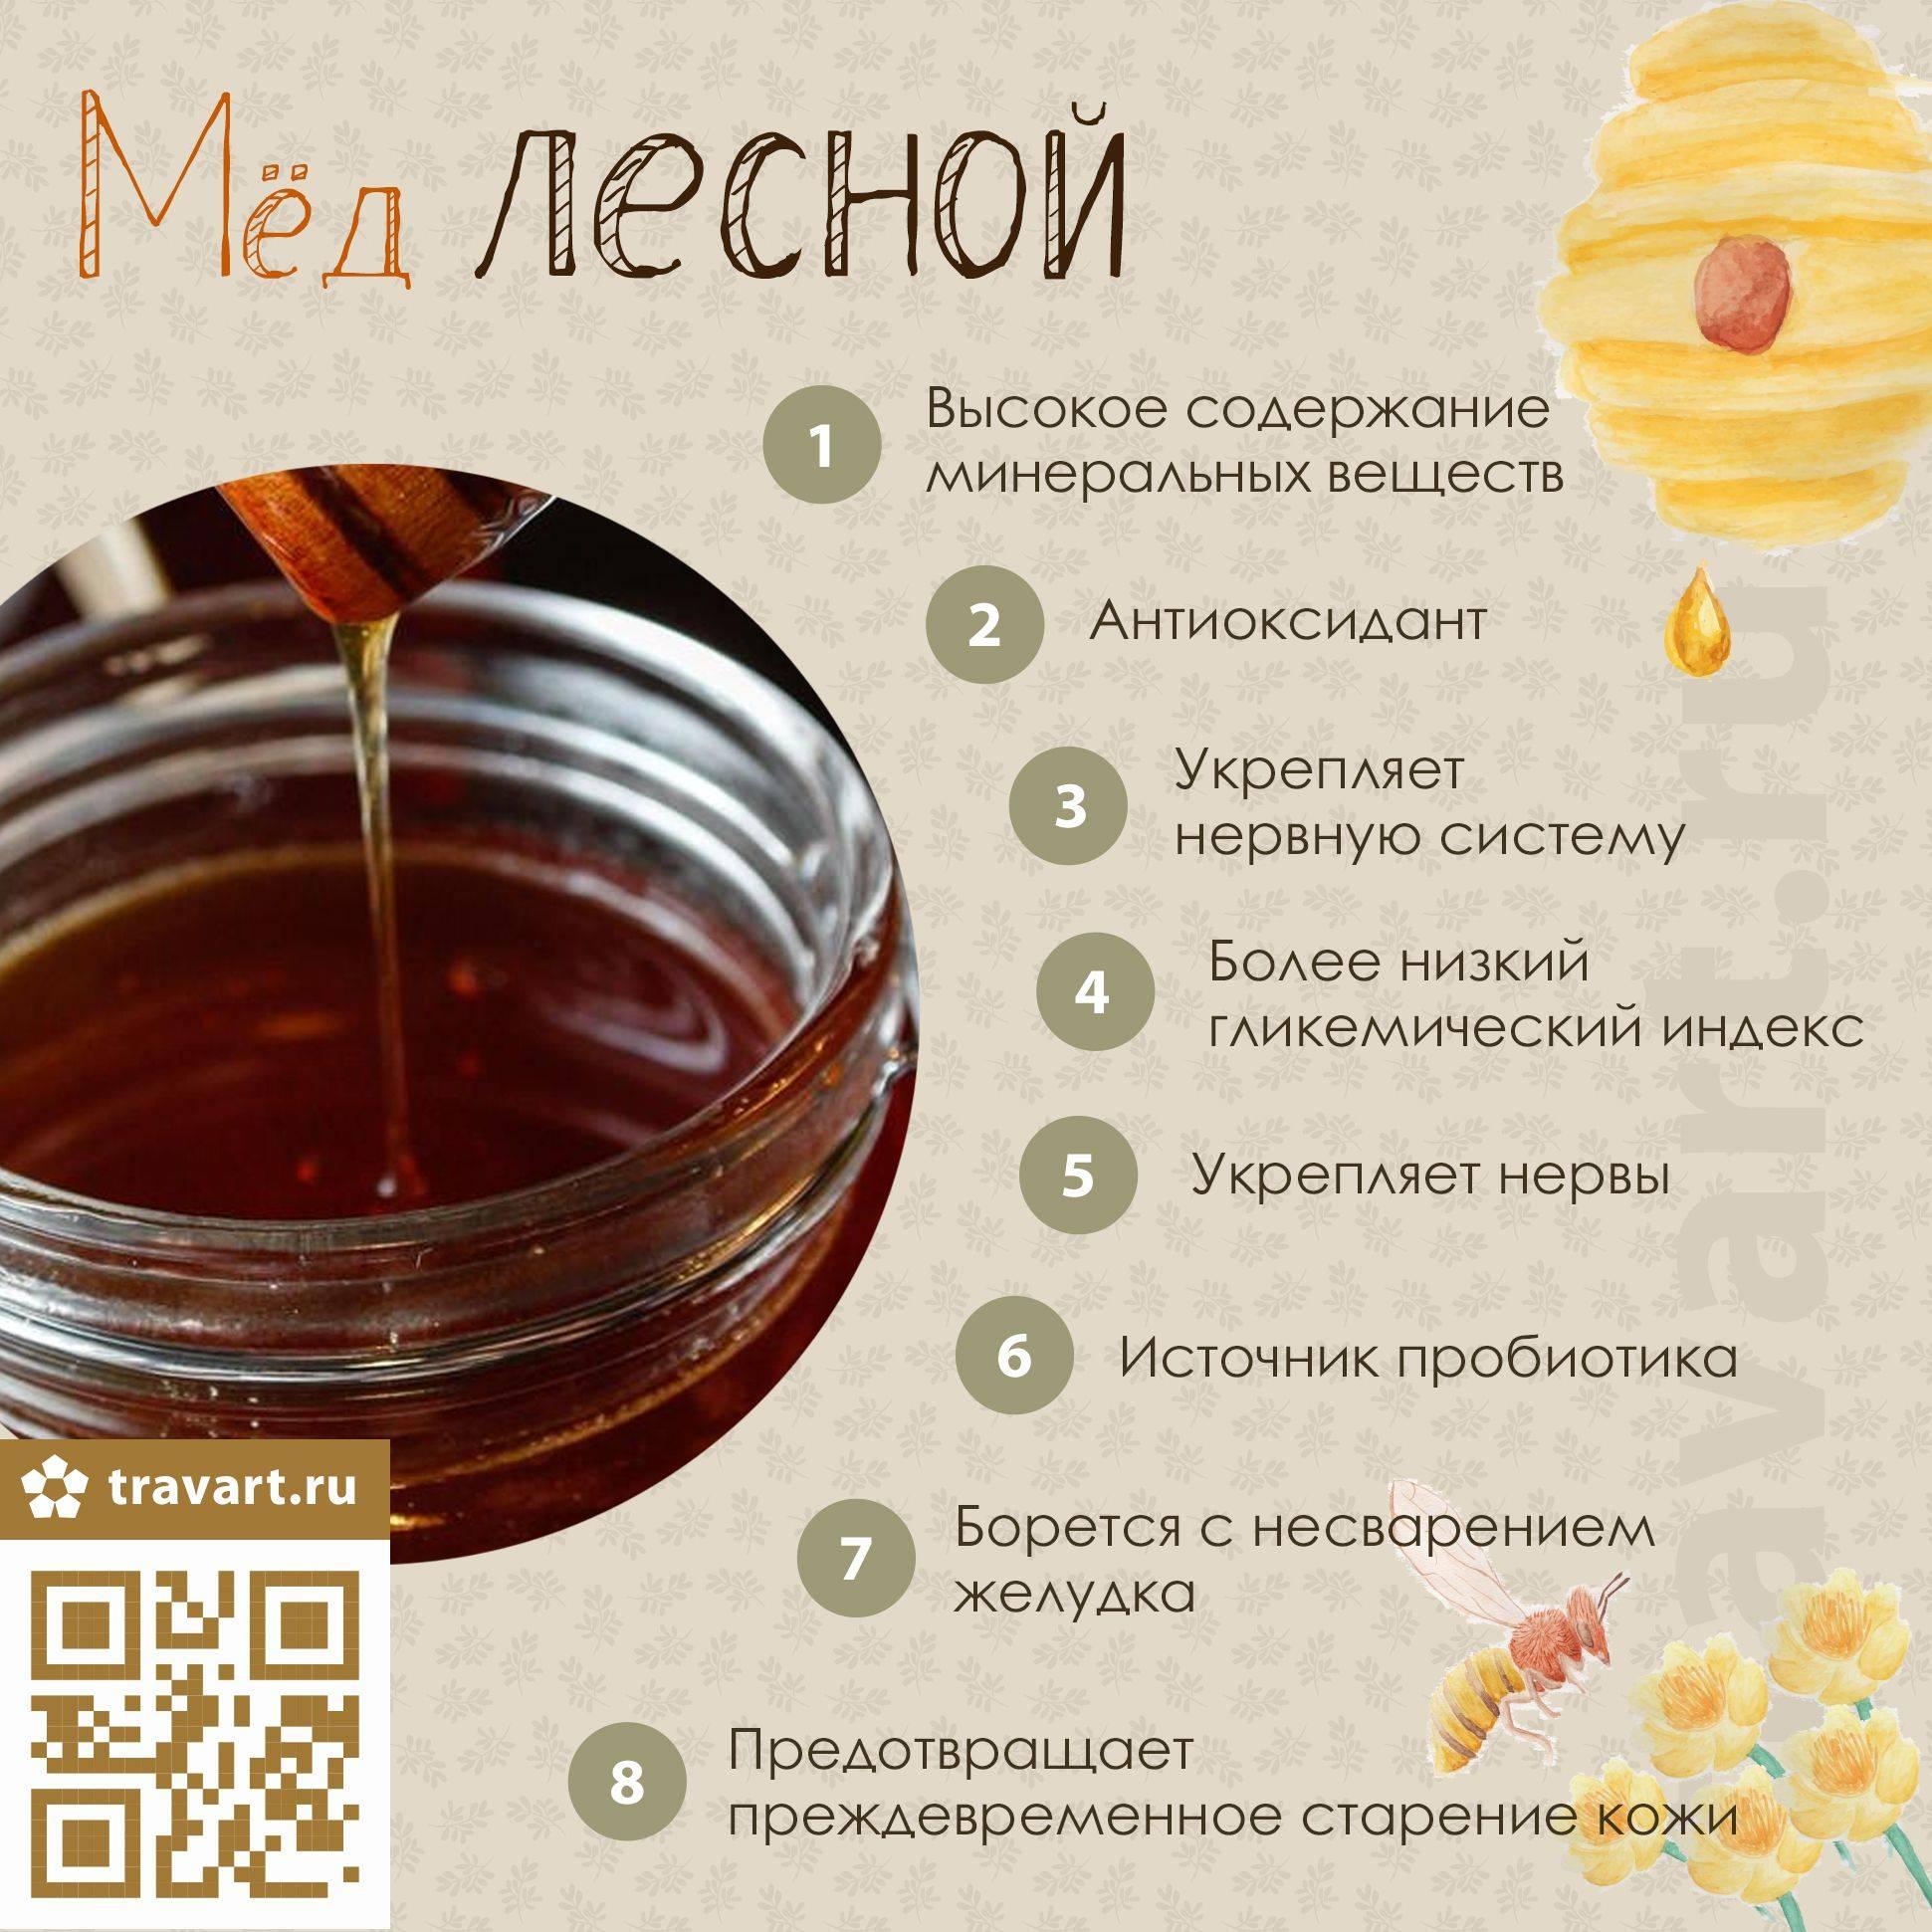 Цветочный мед: польза и вред